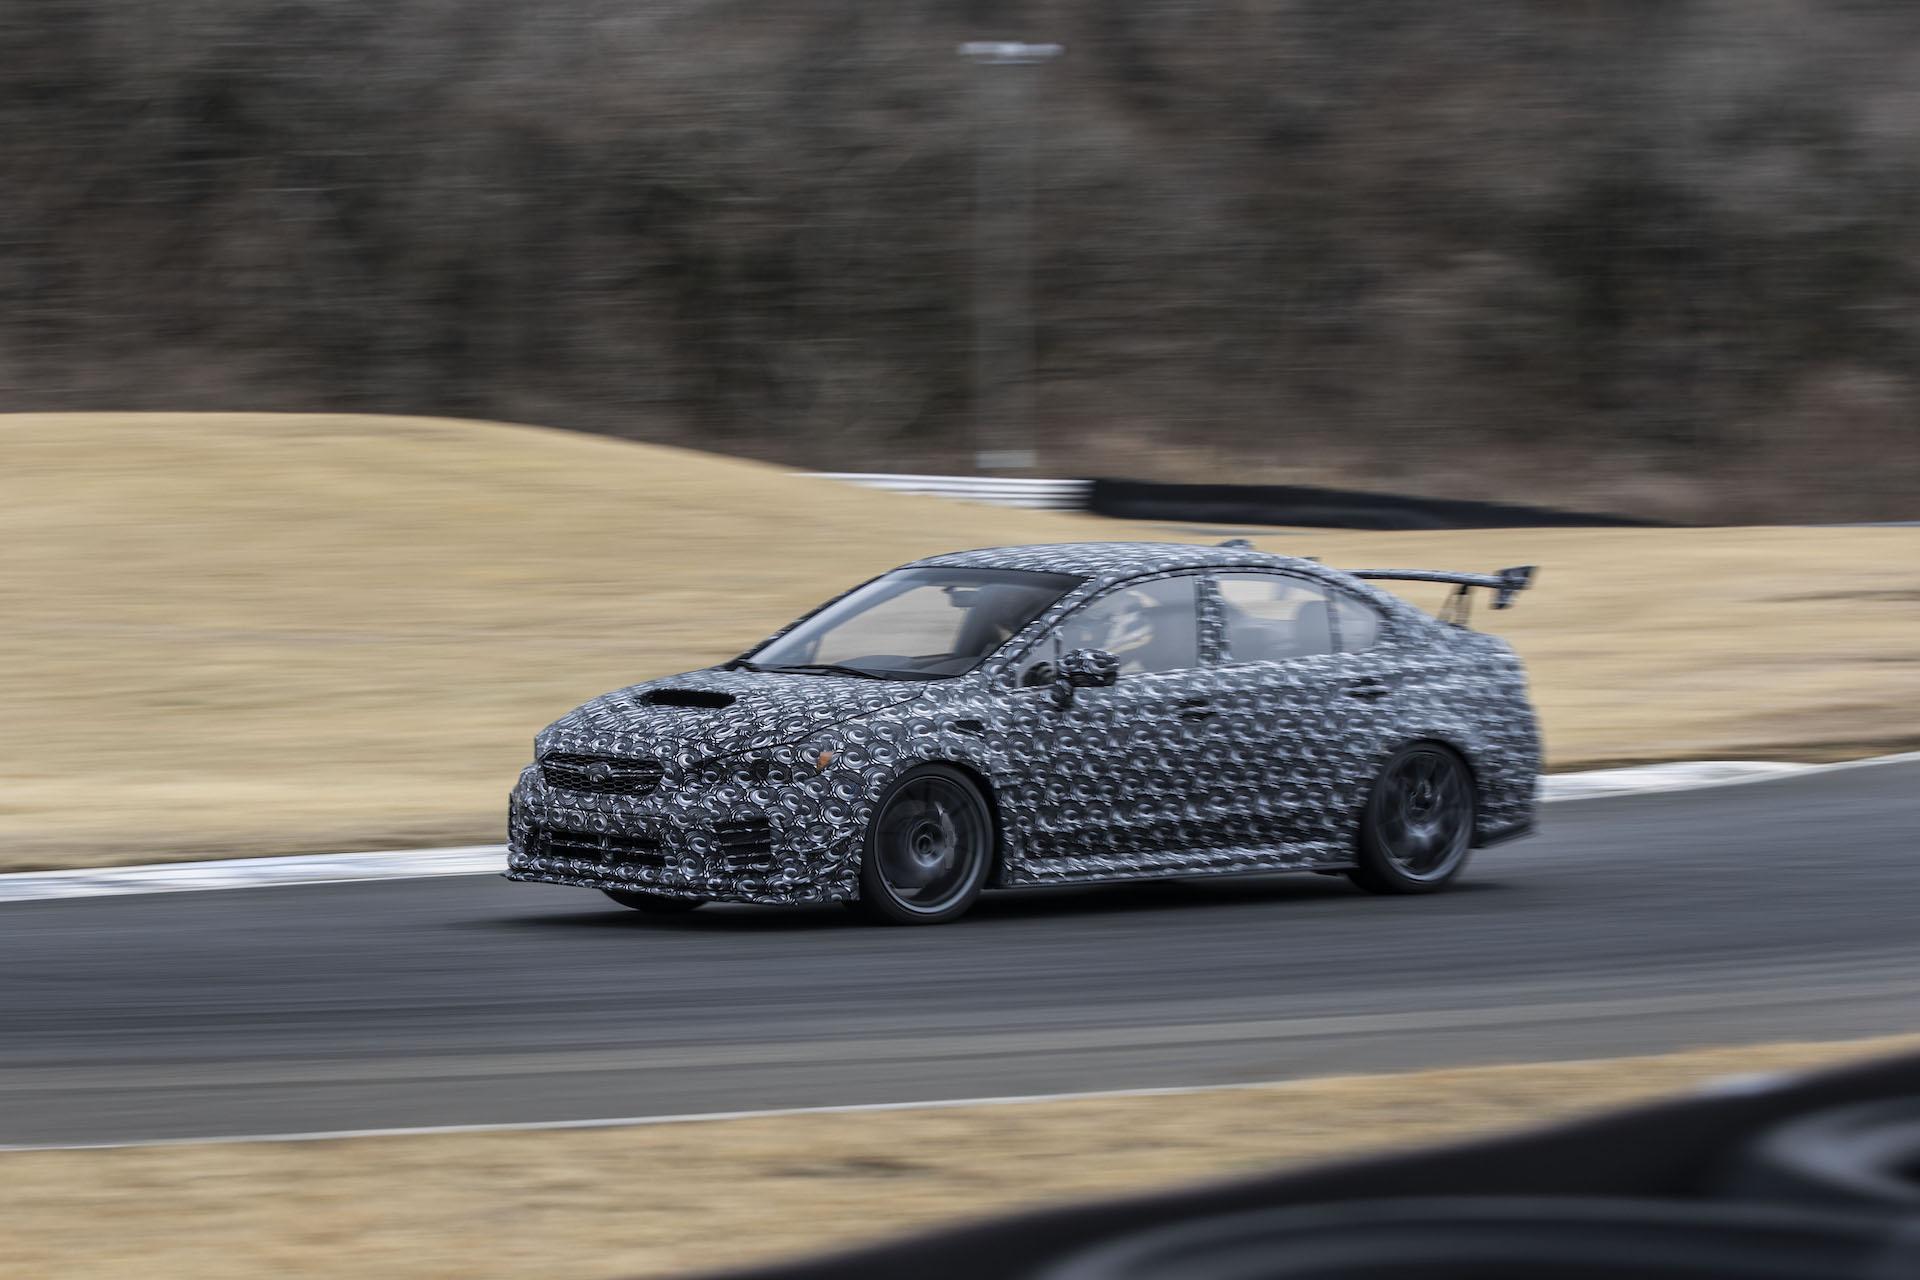 First drive review: The 2019 Subaru WRX STI S209 has zero chill